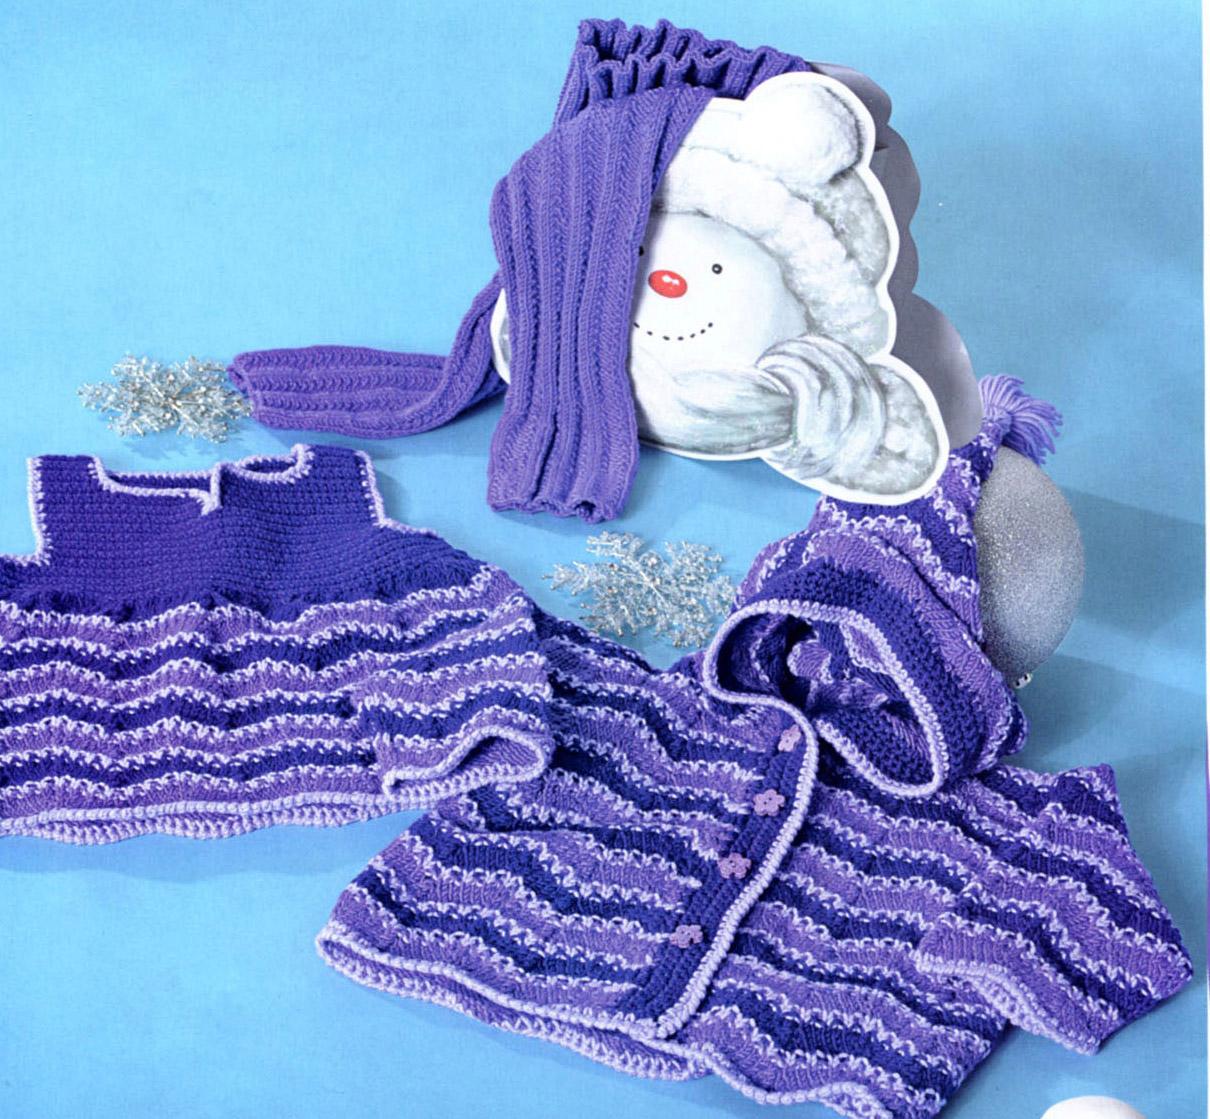 Вязанные сарафаны для женщин со схемами вязания изделий